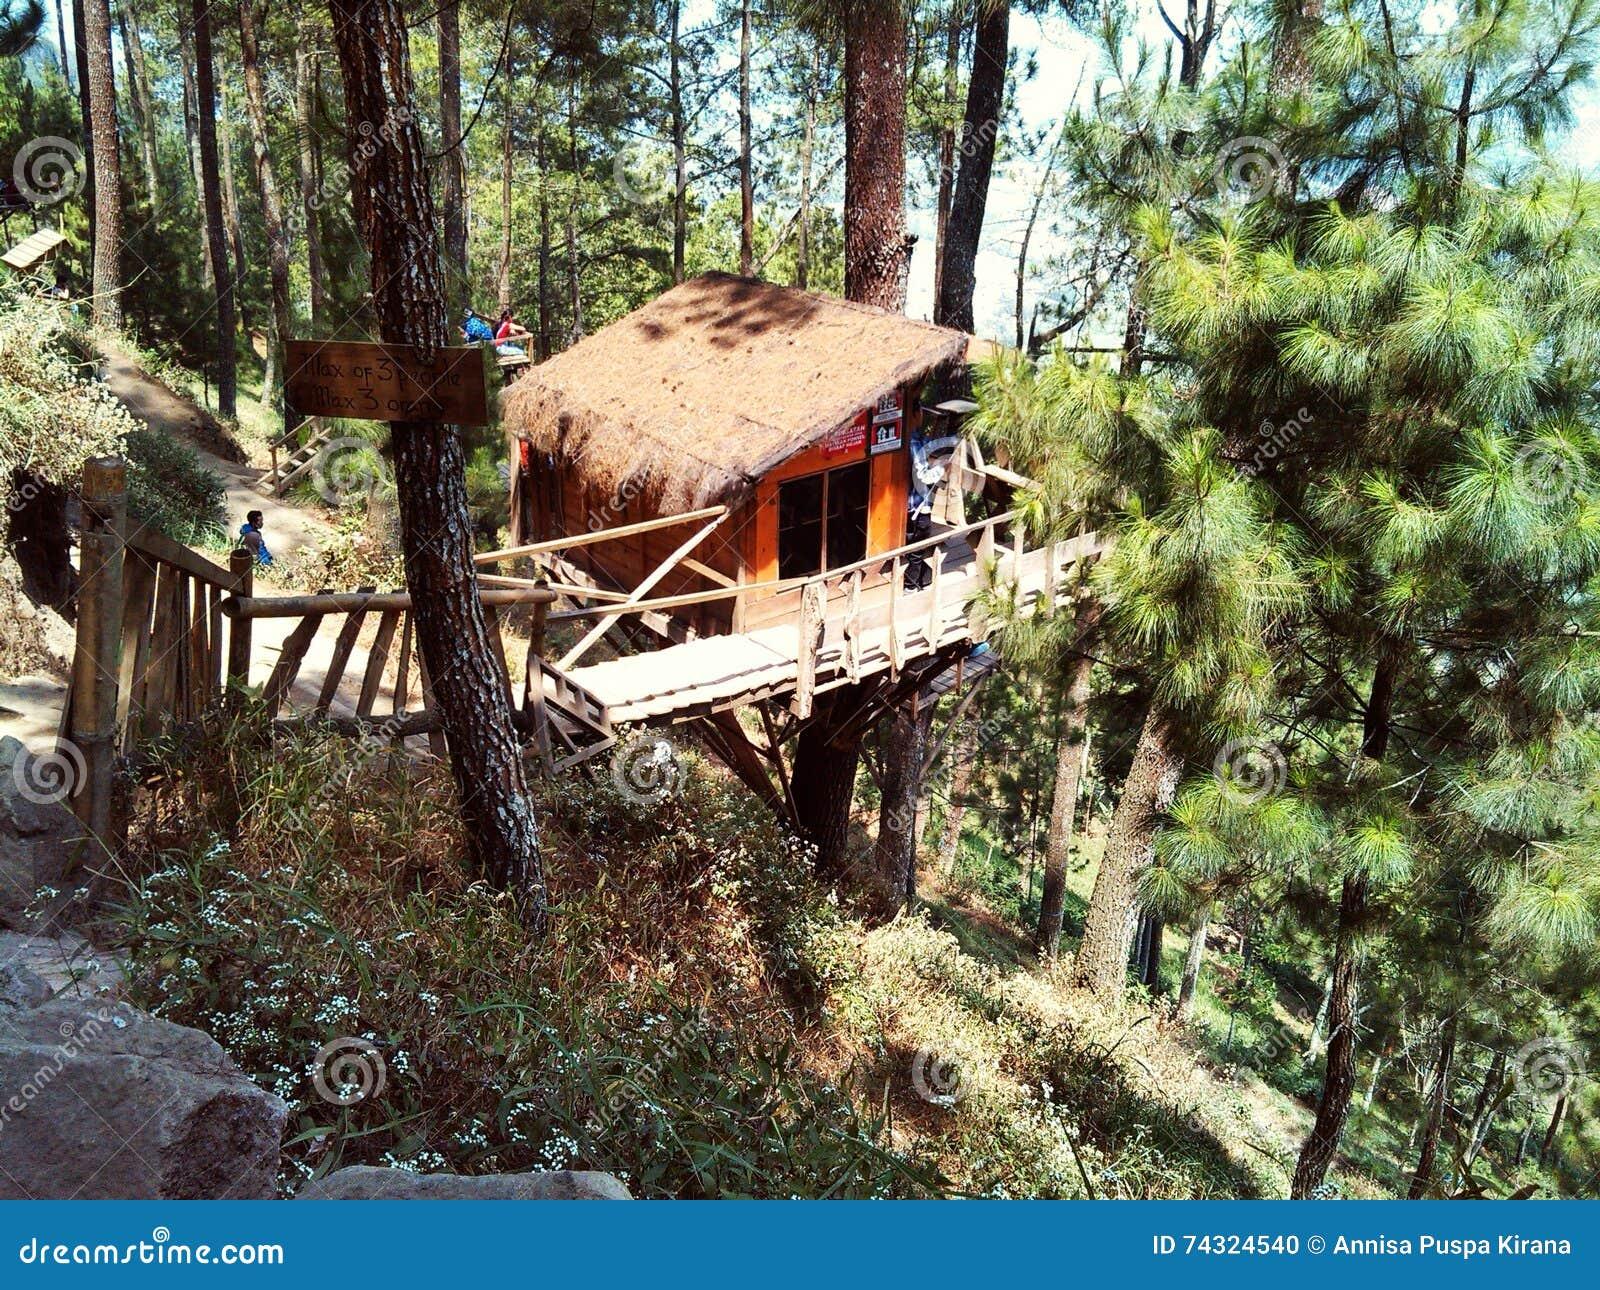 Cabane dans un arbre dans la forêt tropicale de pinus